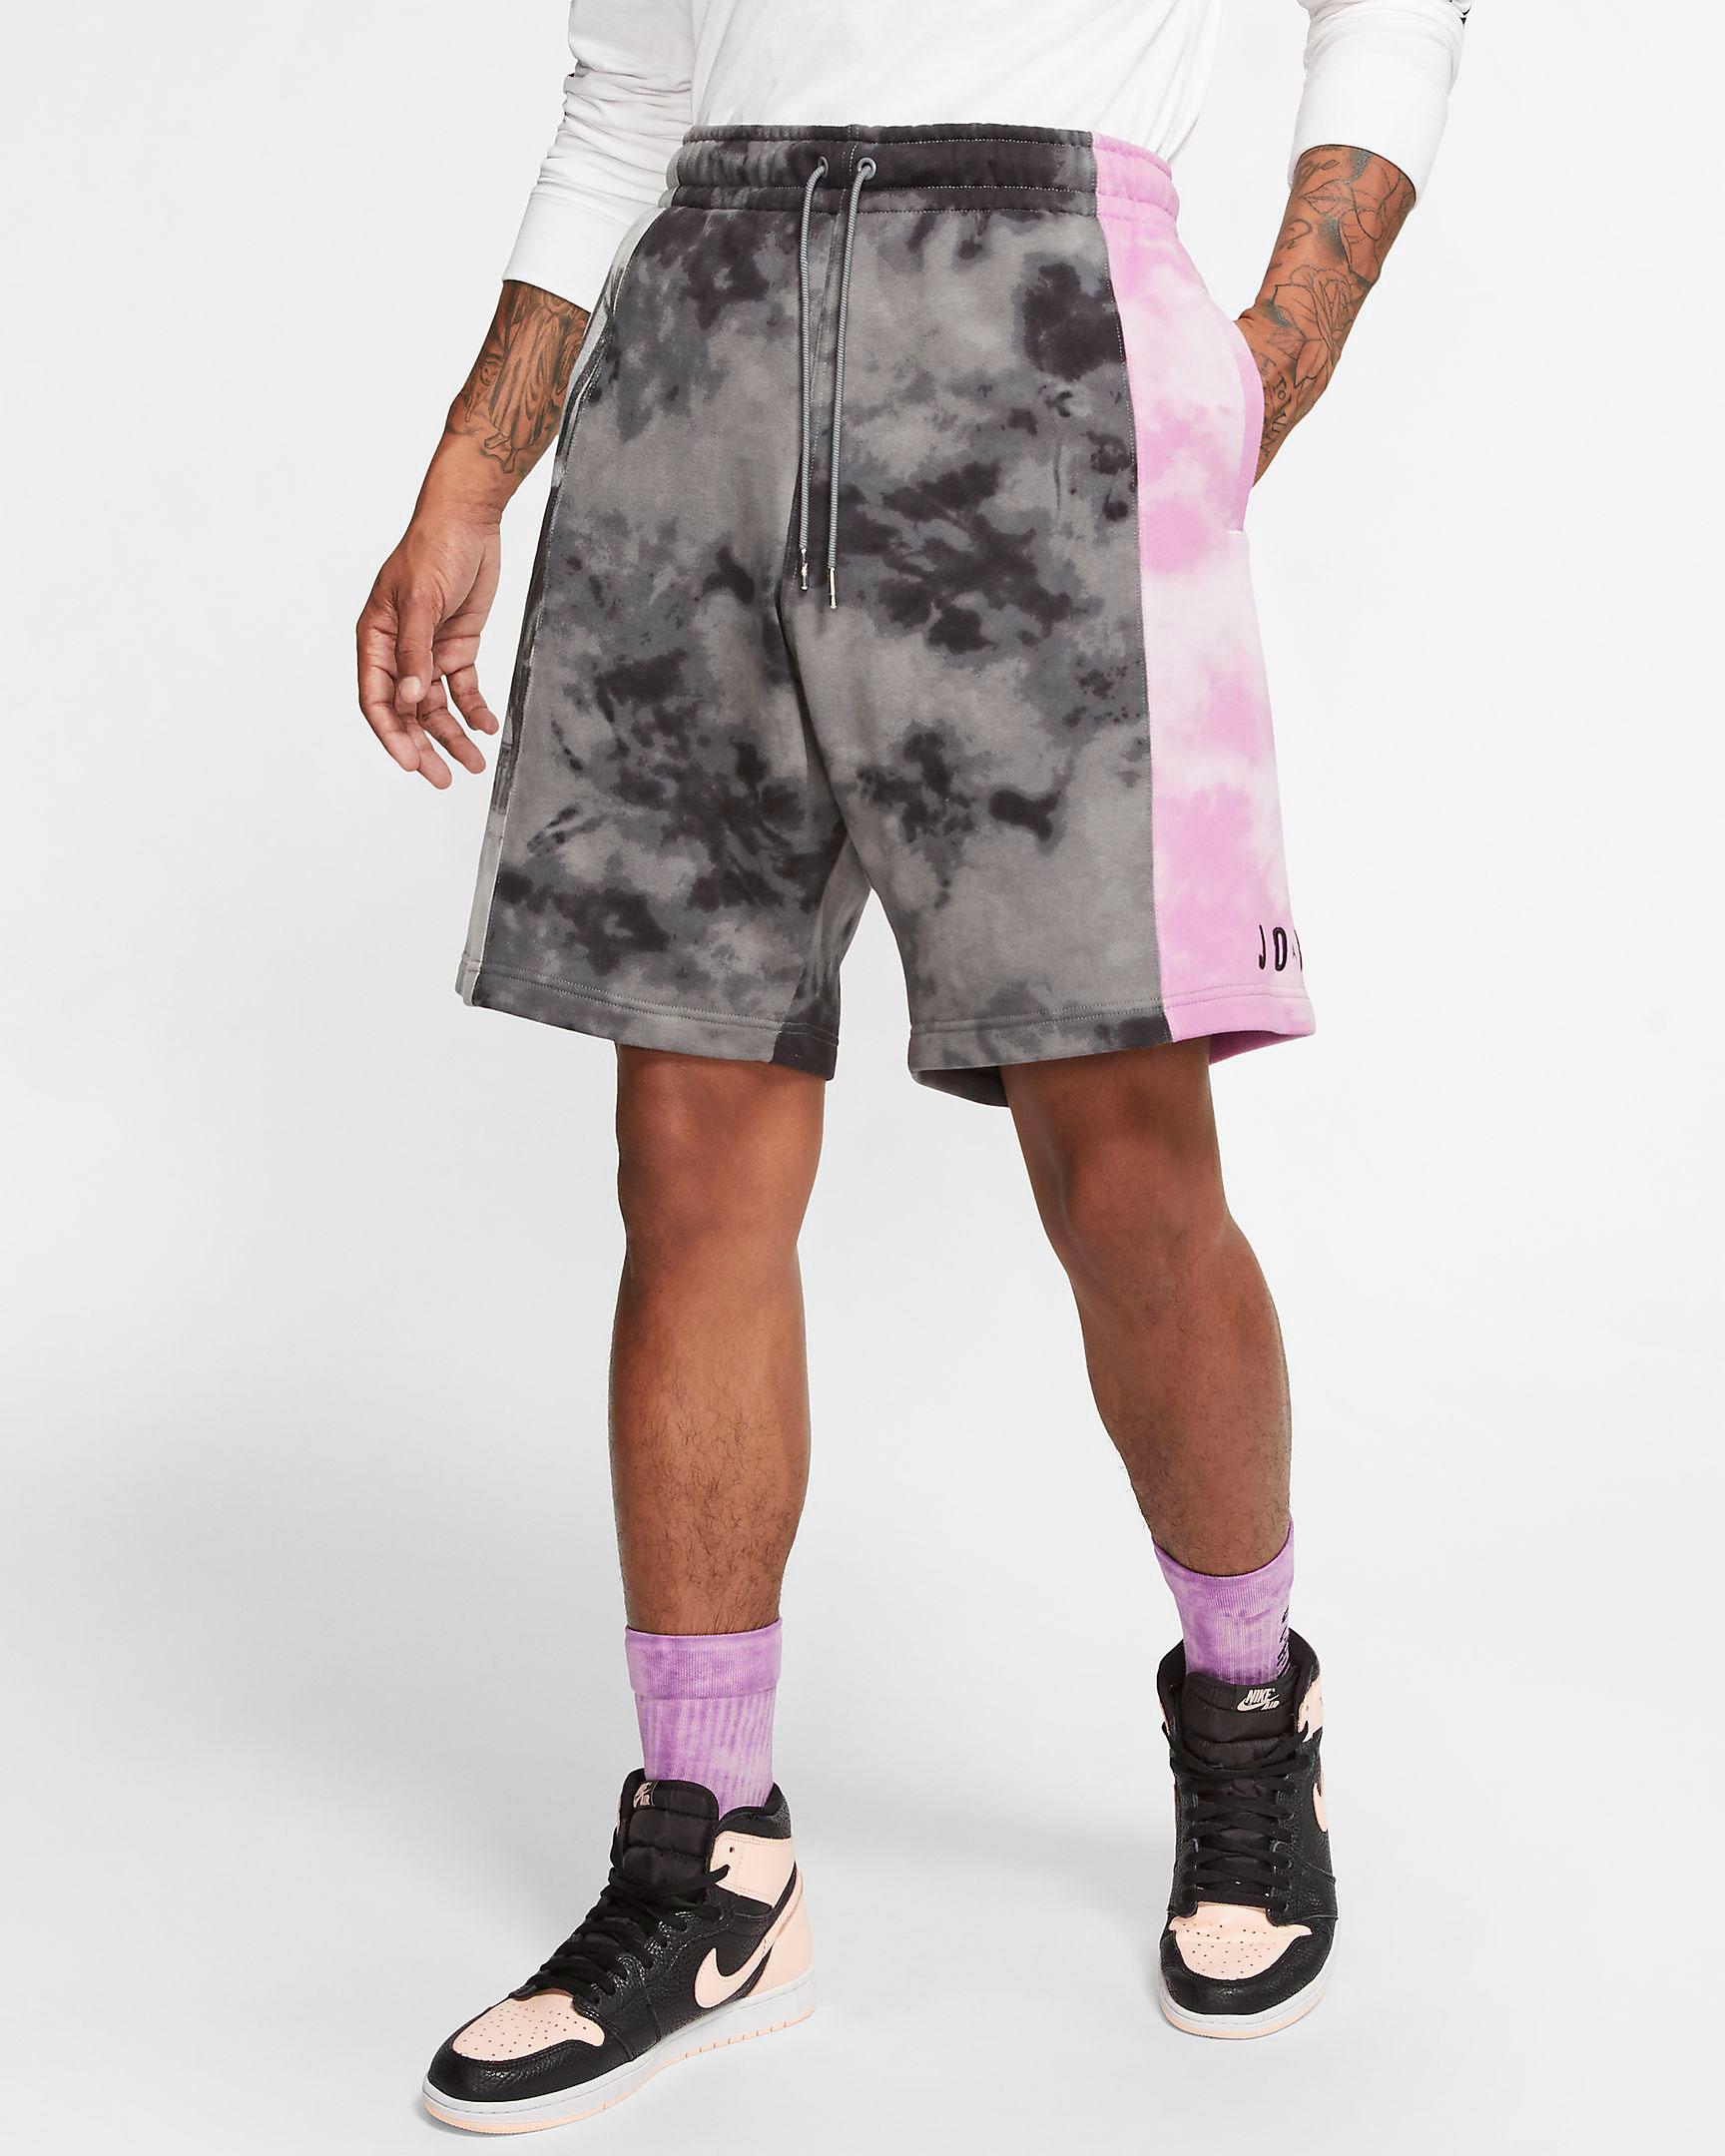 jordn-sport-dna-vintage-shorts-black-grey-purple-1